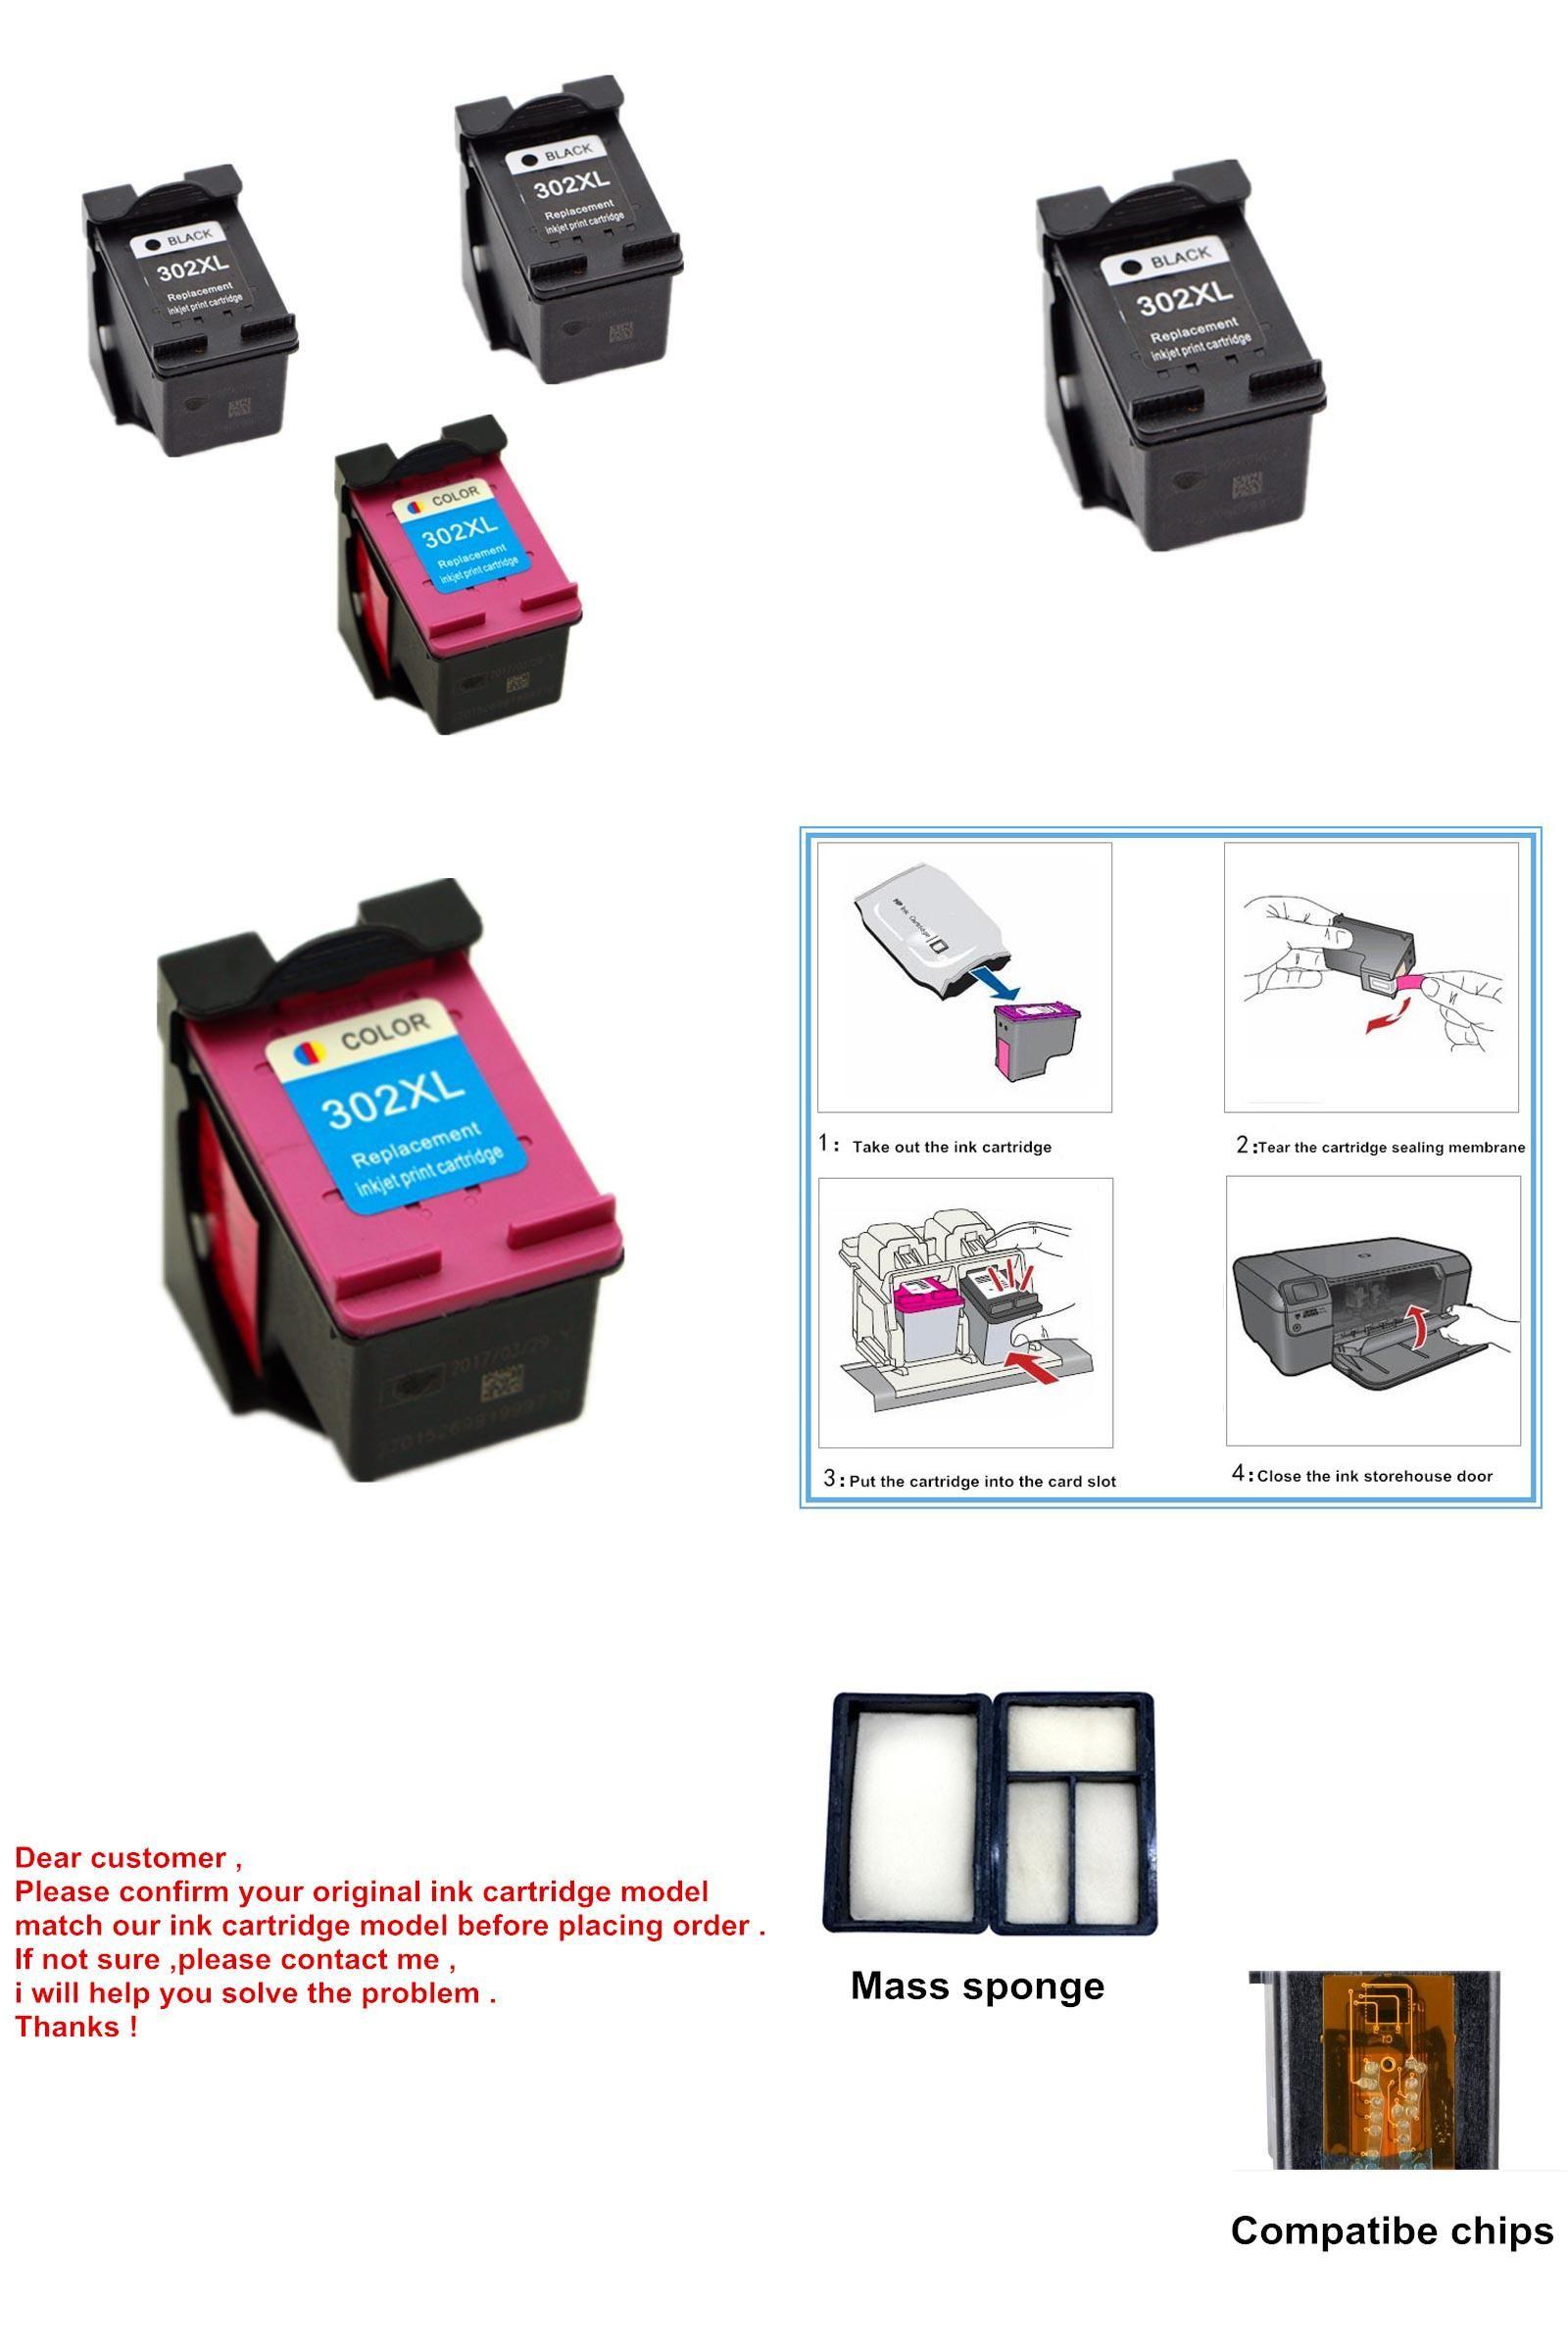 Visit To Buy 3 Pcs Ink Cartridge For Hp 302 302 Xl Ink Cartridge